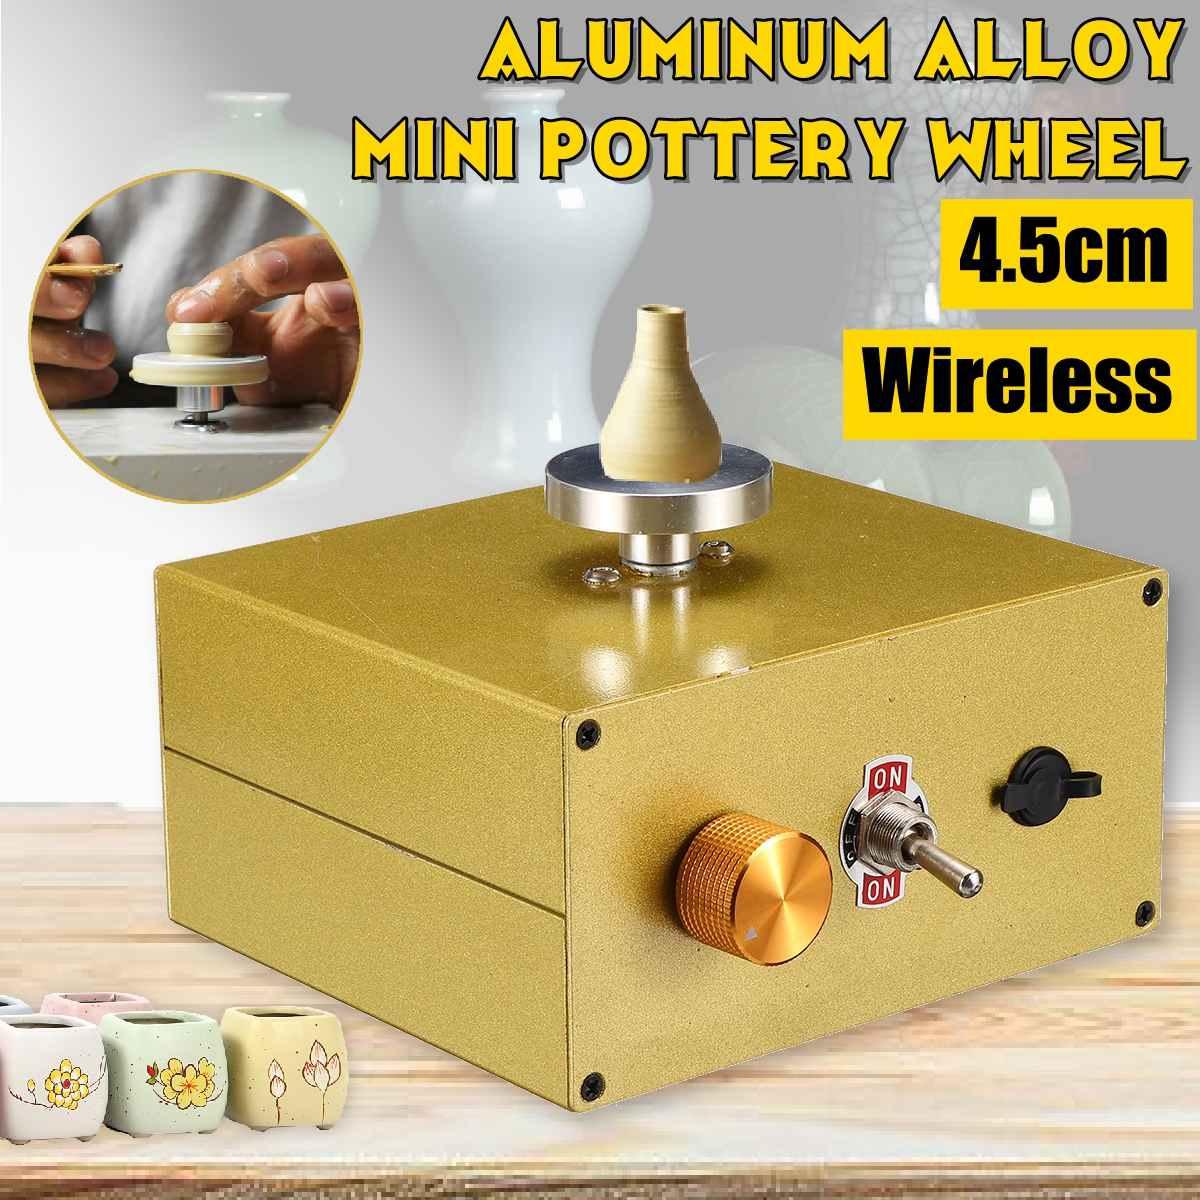 Mini roue de poterie en alliage d'aluminium 4.5cm bouton de plaque tournante changement de vitesse en continu rechargeable 12V en alliage d'aluminium